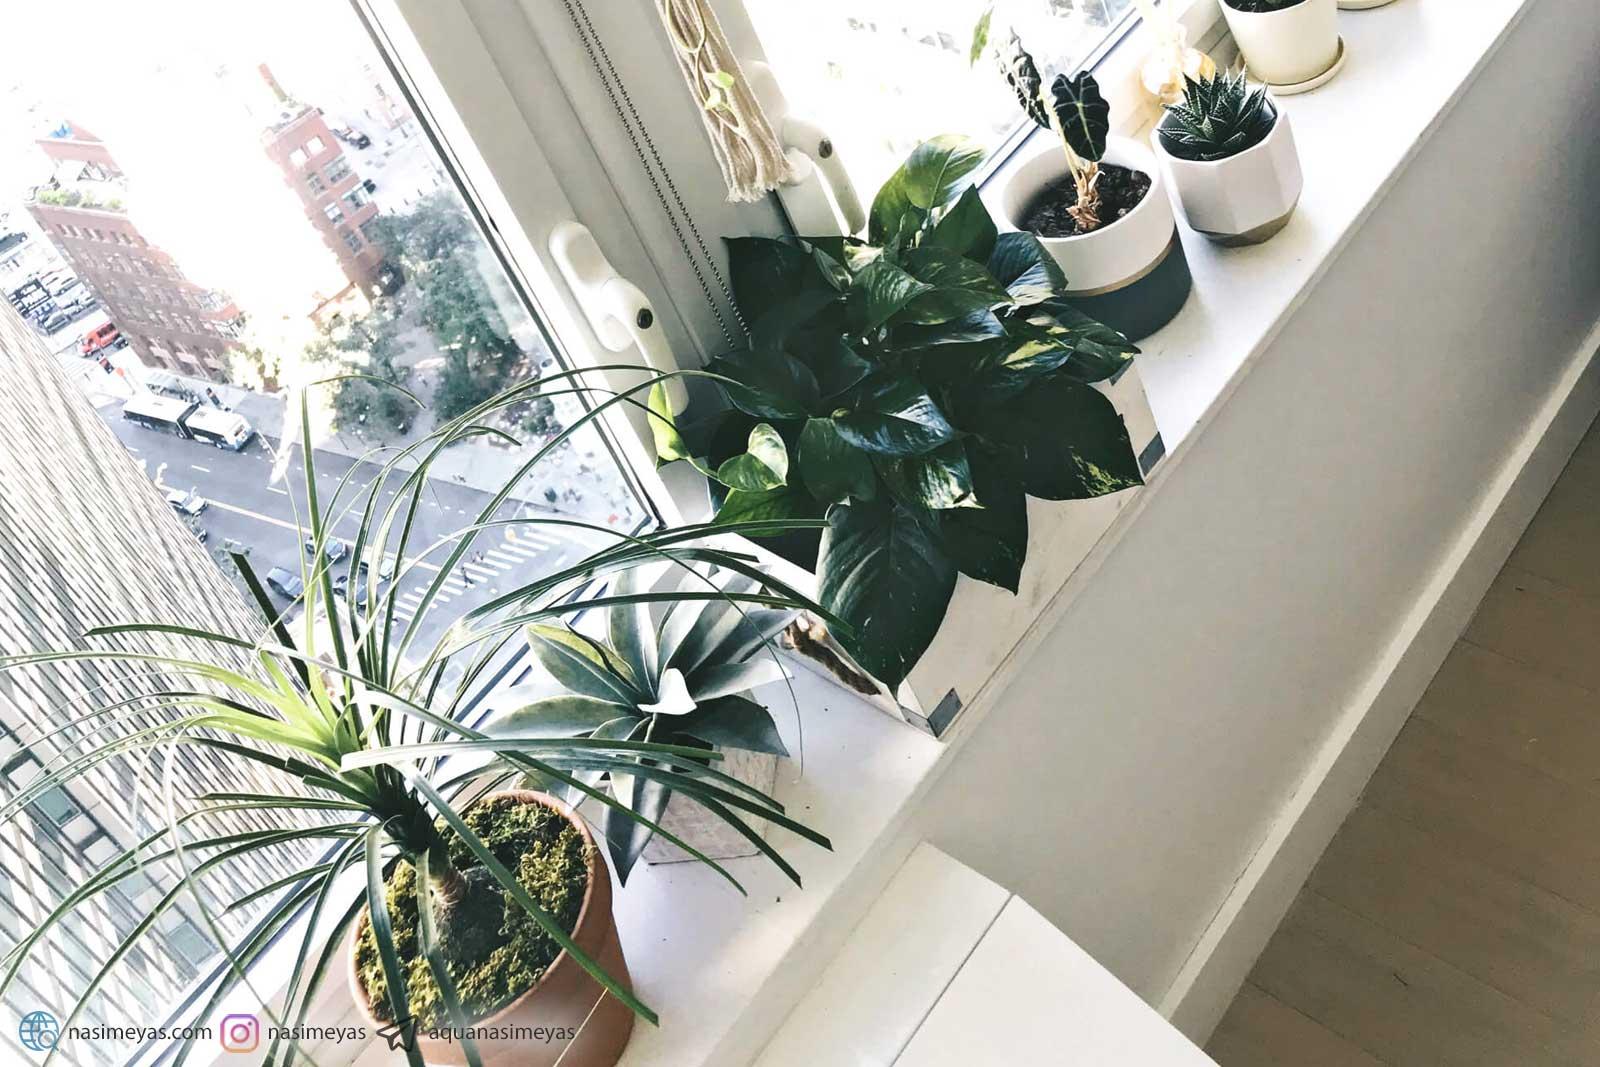 فواید نگهداری از گیاهان در آپارتمان و منزل